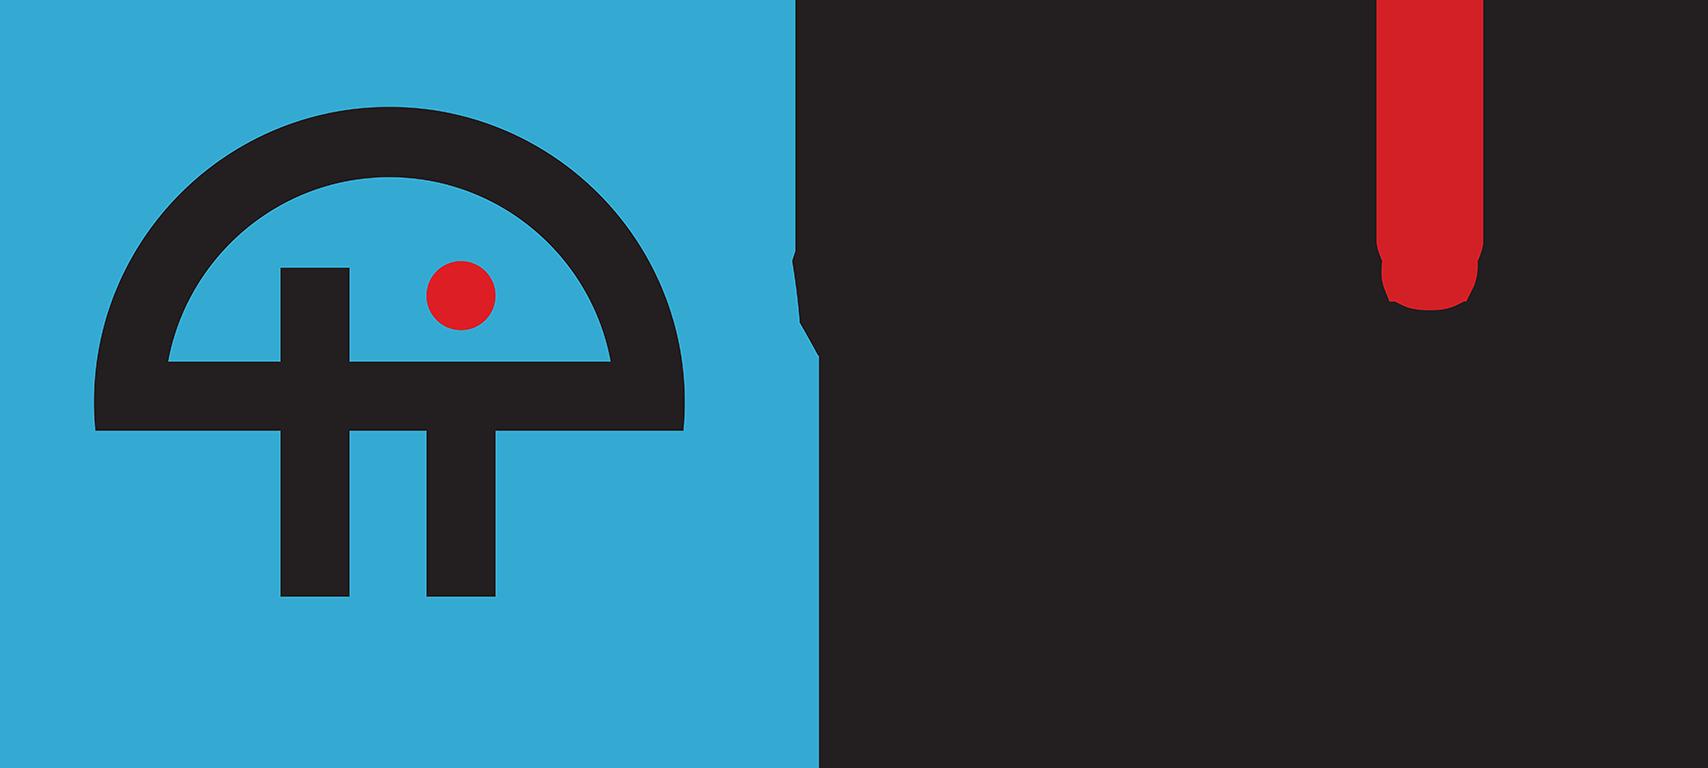 TWiT Stickers messages sticker-1